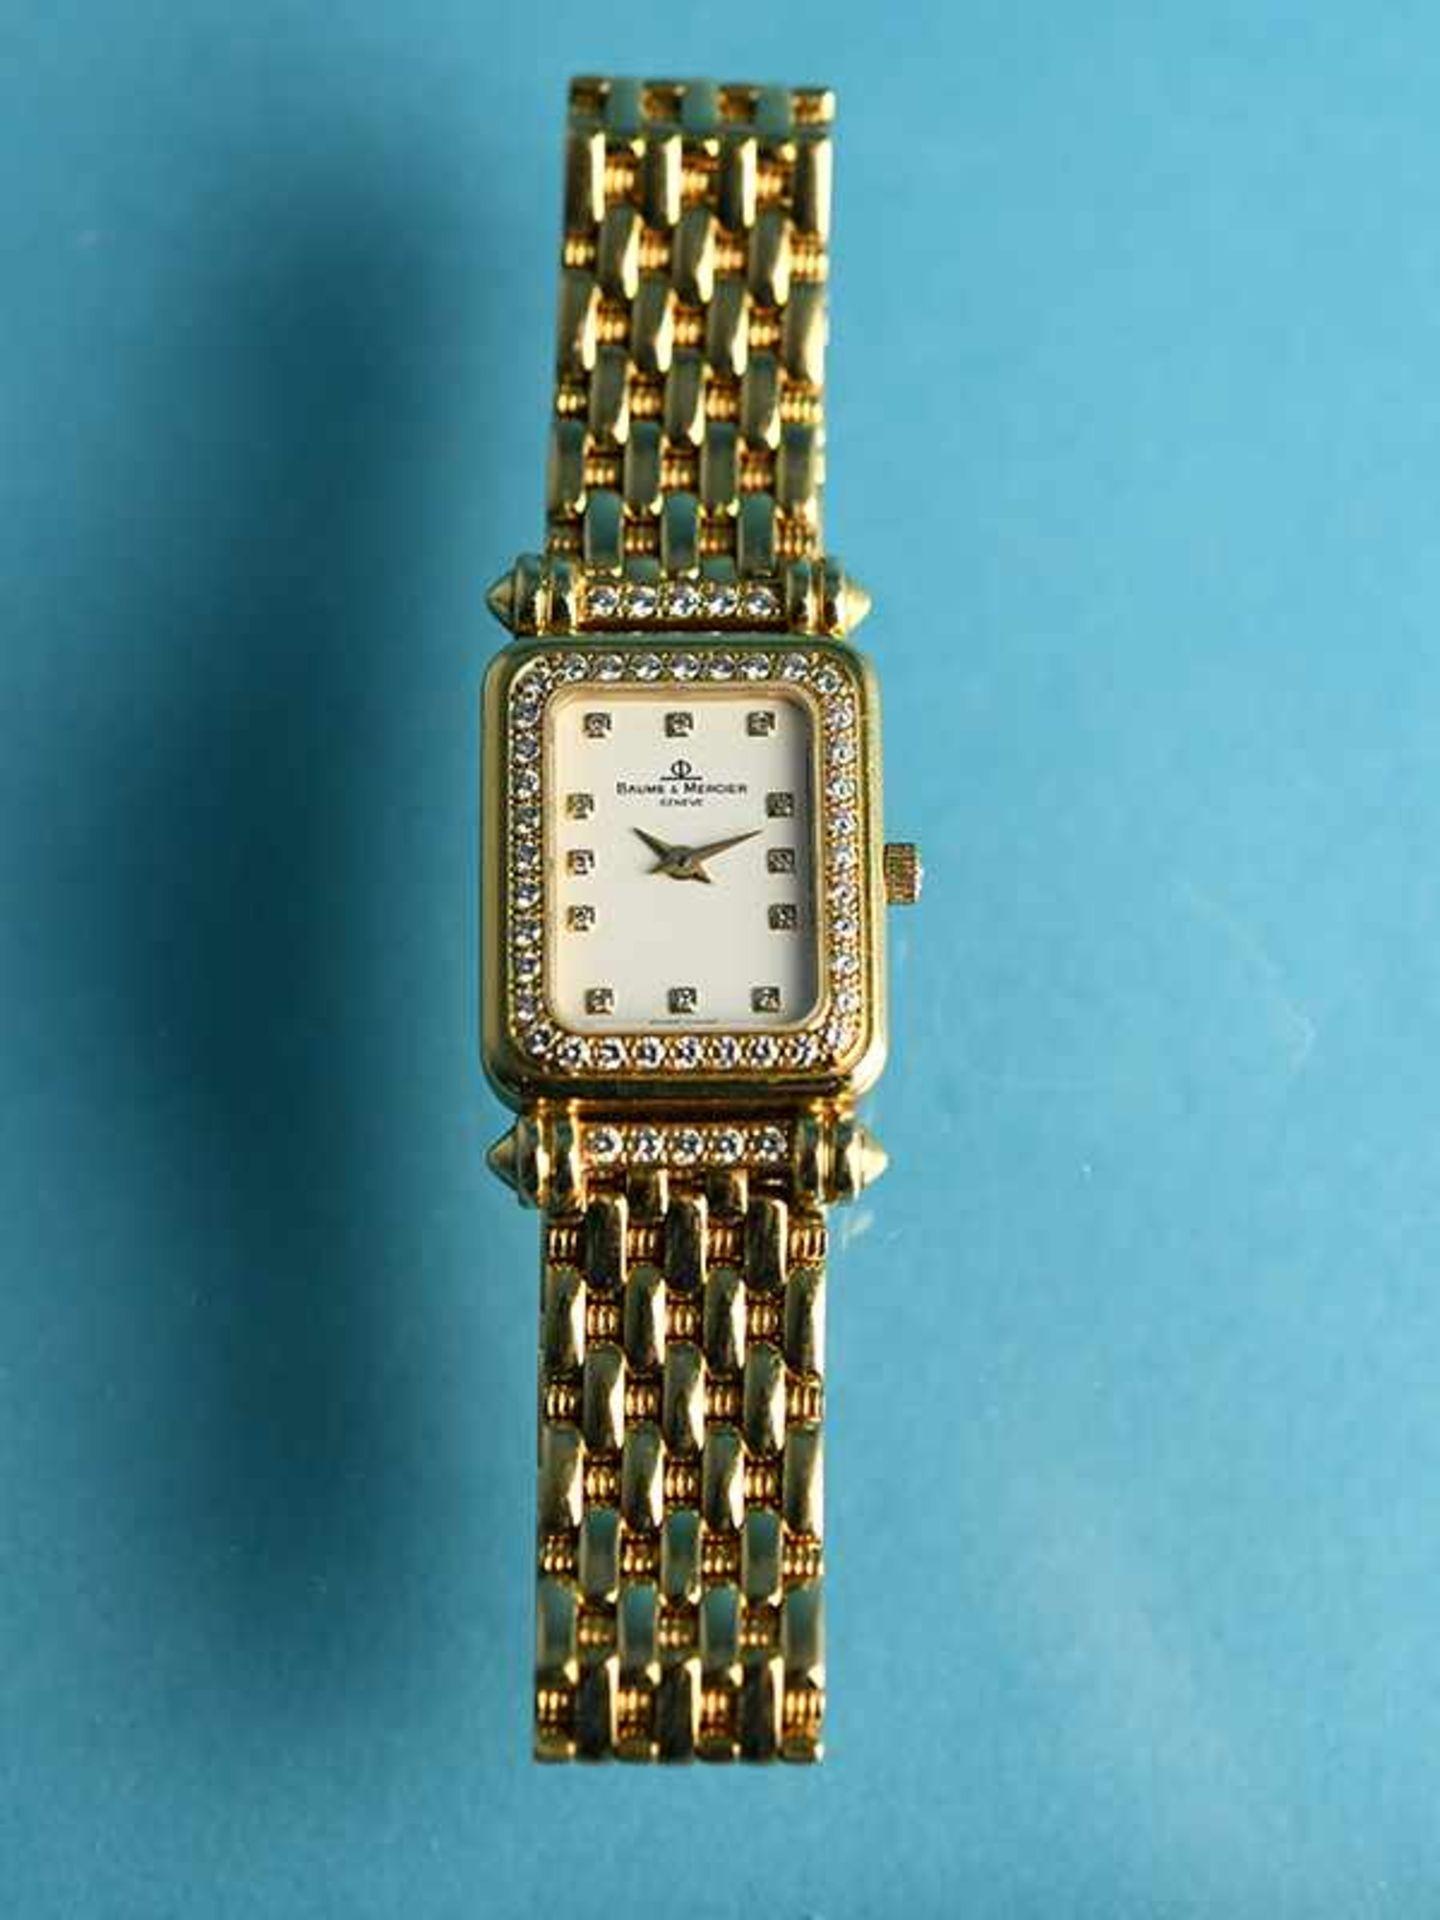 Damenarmbanduhr mit Brillanten, zusammen ca. 0,5 ct, bezeichnet Baume & Mercier, Geneve, 20. Jh. - Bild 2 aus 7